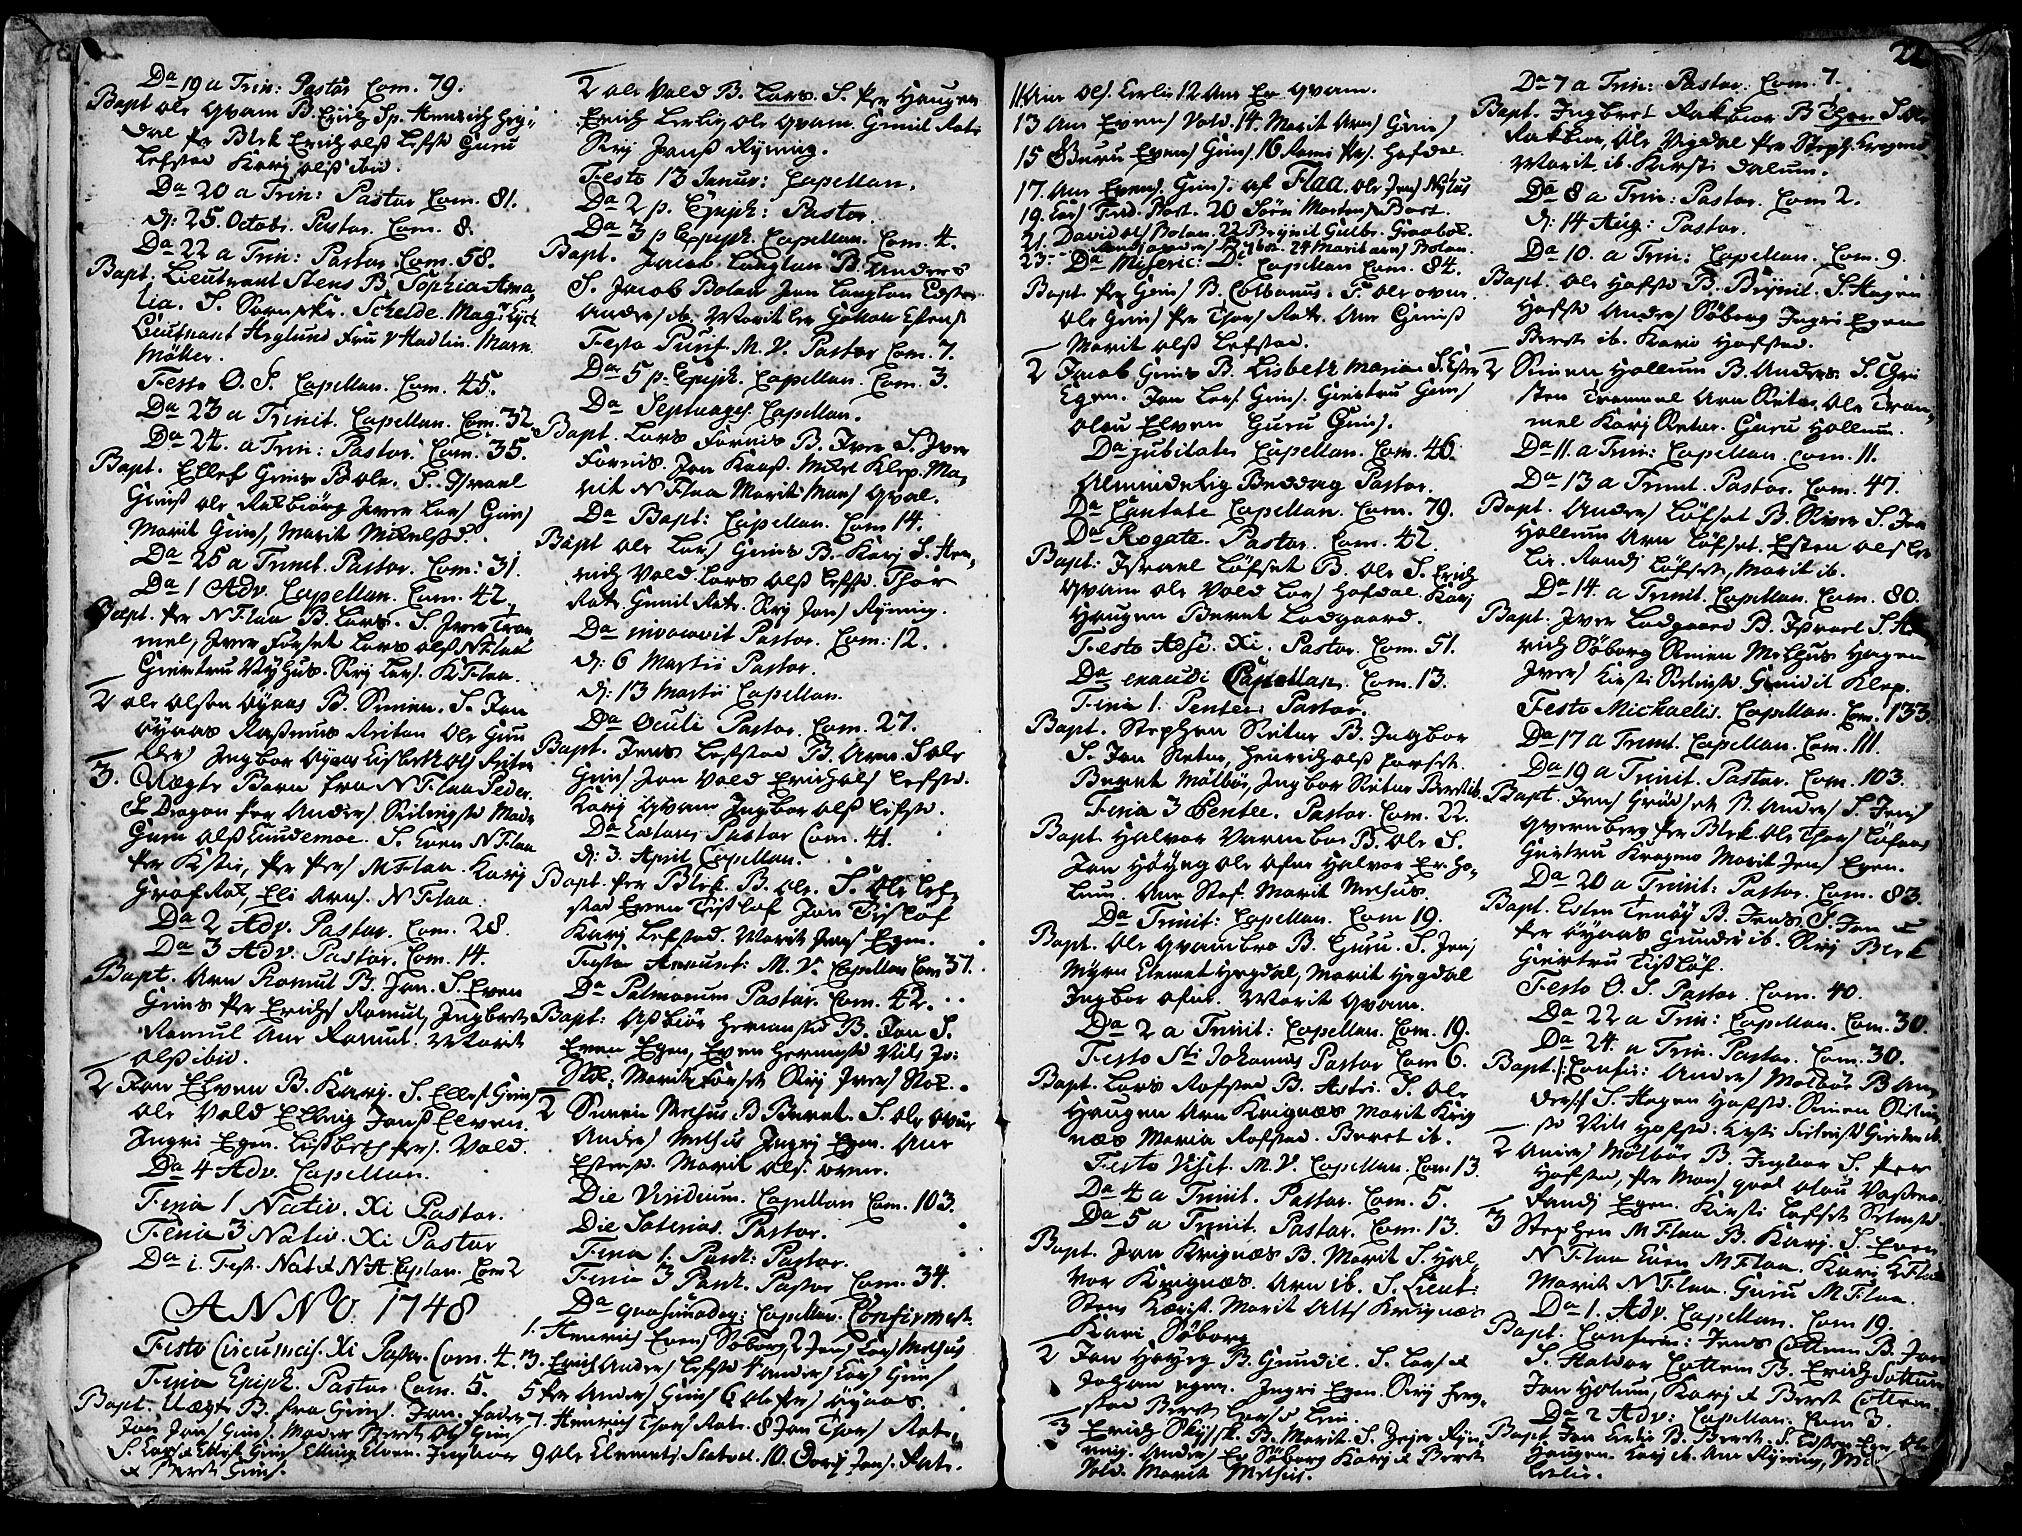 SAT, Ministerialprotokoller, klokkerbøker og fødselsregistre - Sør-Trøndelag, 691/L1057: Ministerialbok nr. 691A01 /1, 1740-1767, s. 22